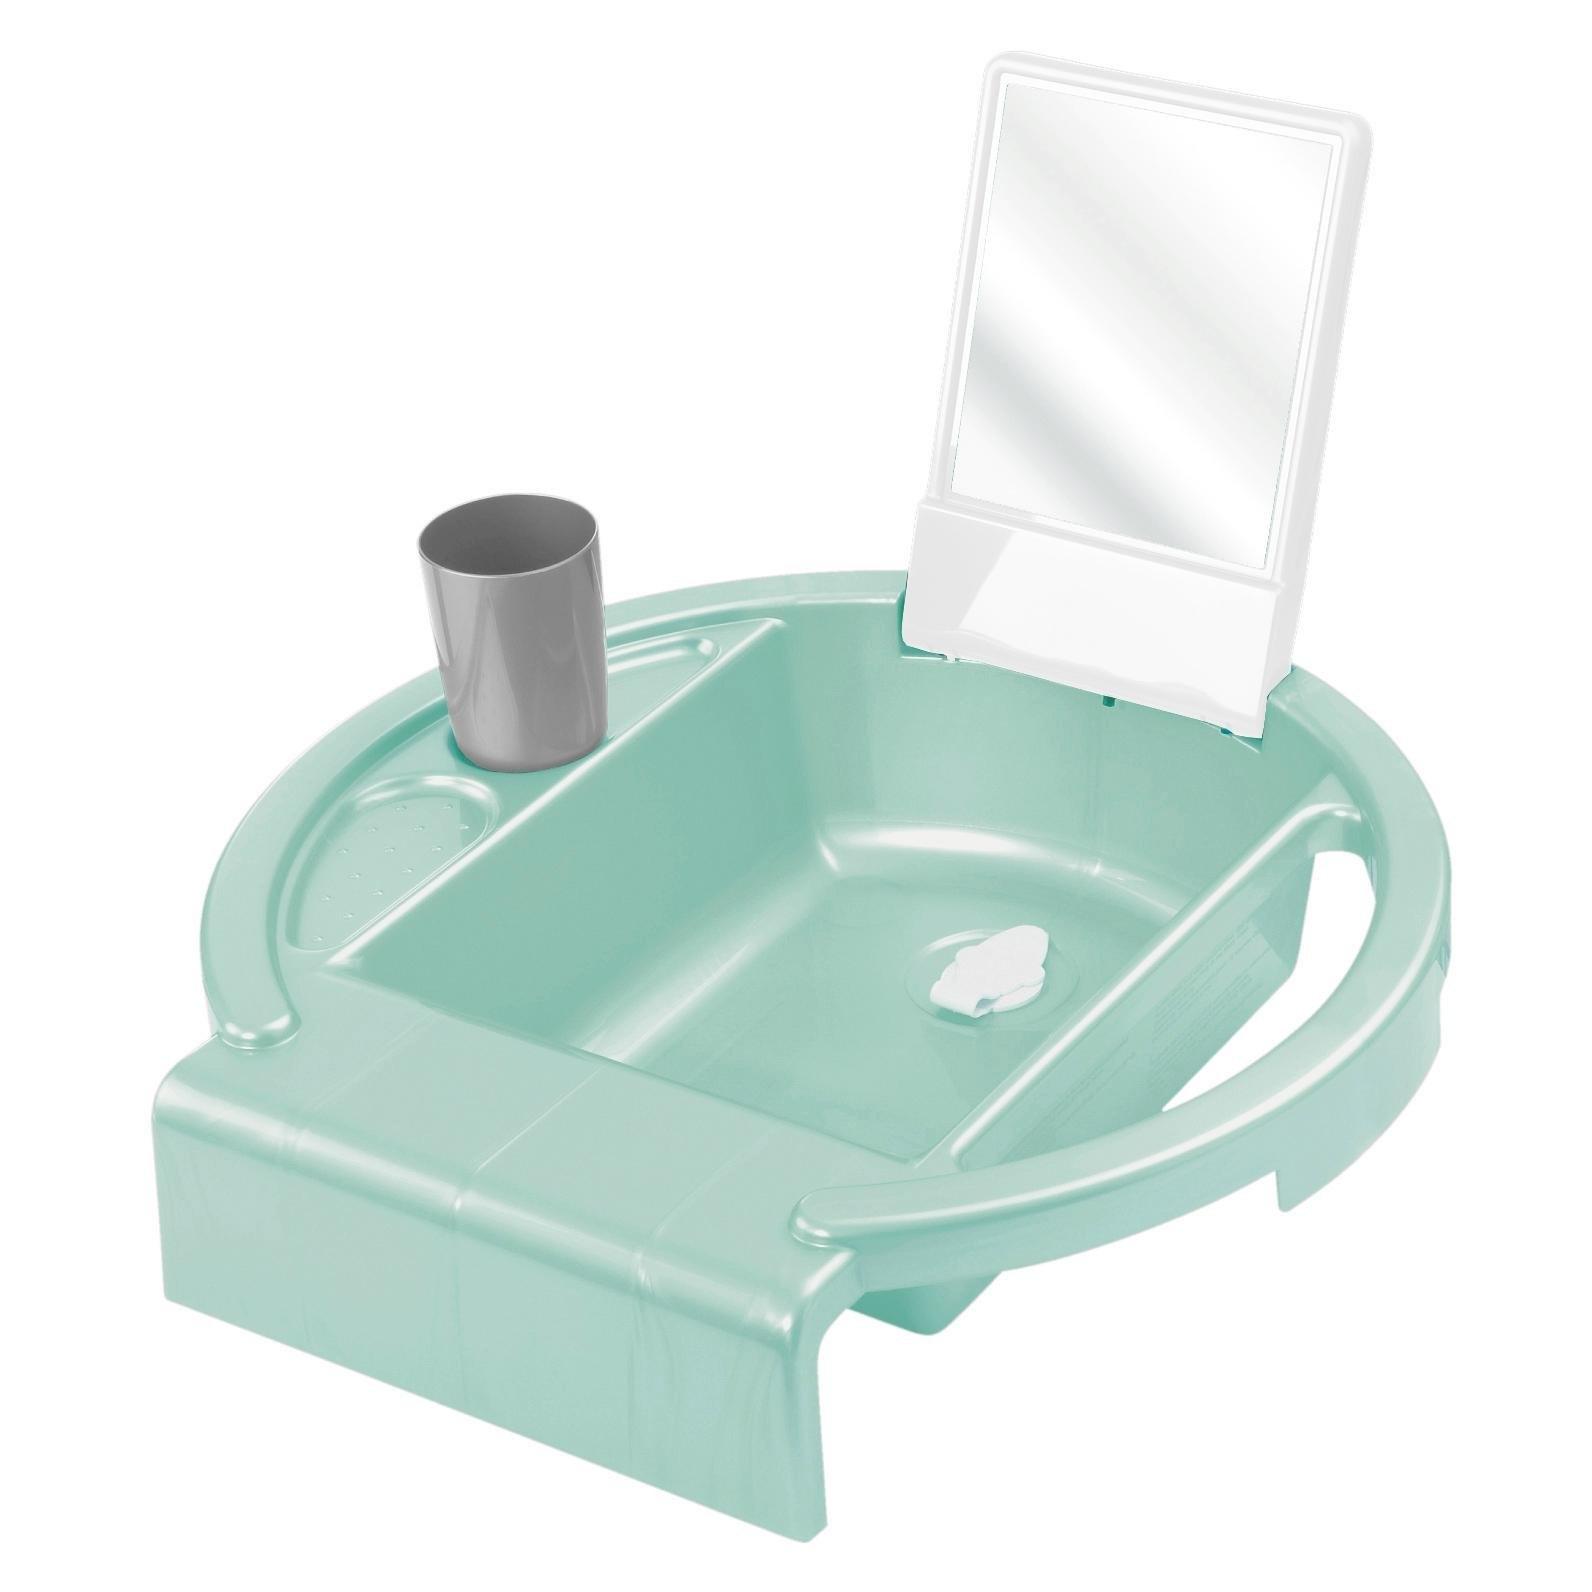 Rotho Babydesign wastafelopzet Kiddy Wash ; made in germany goedkoop op otto.nl kopen